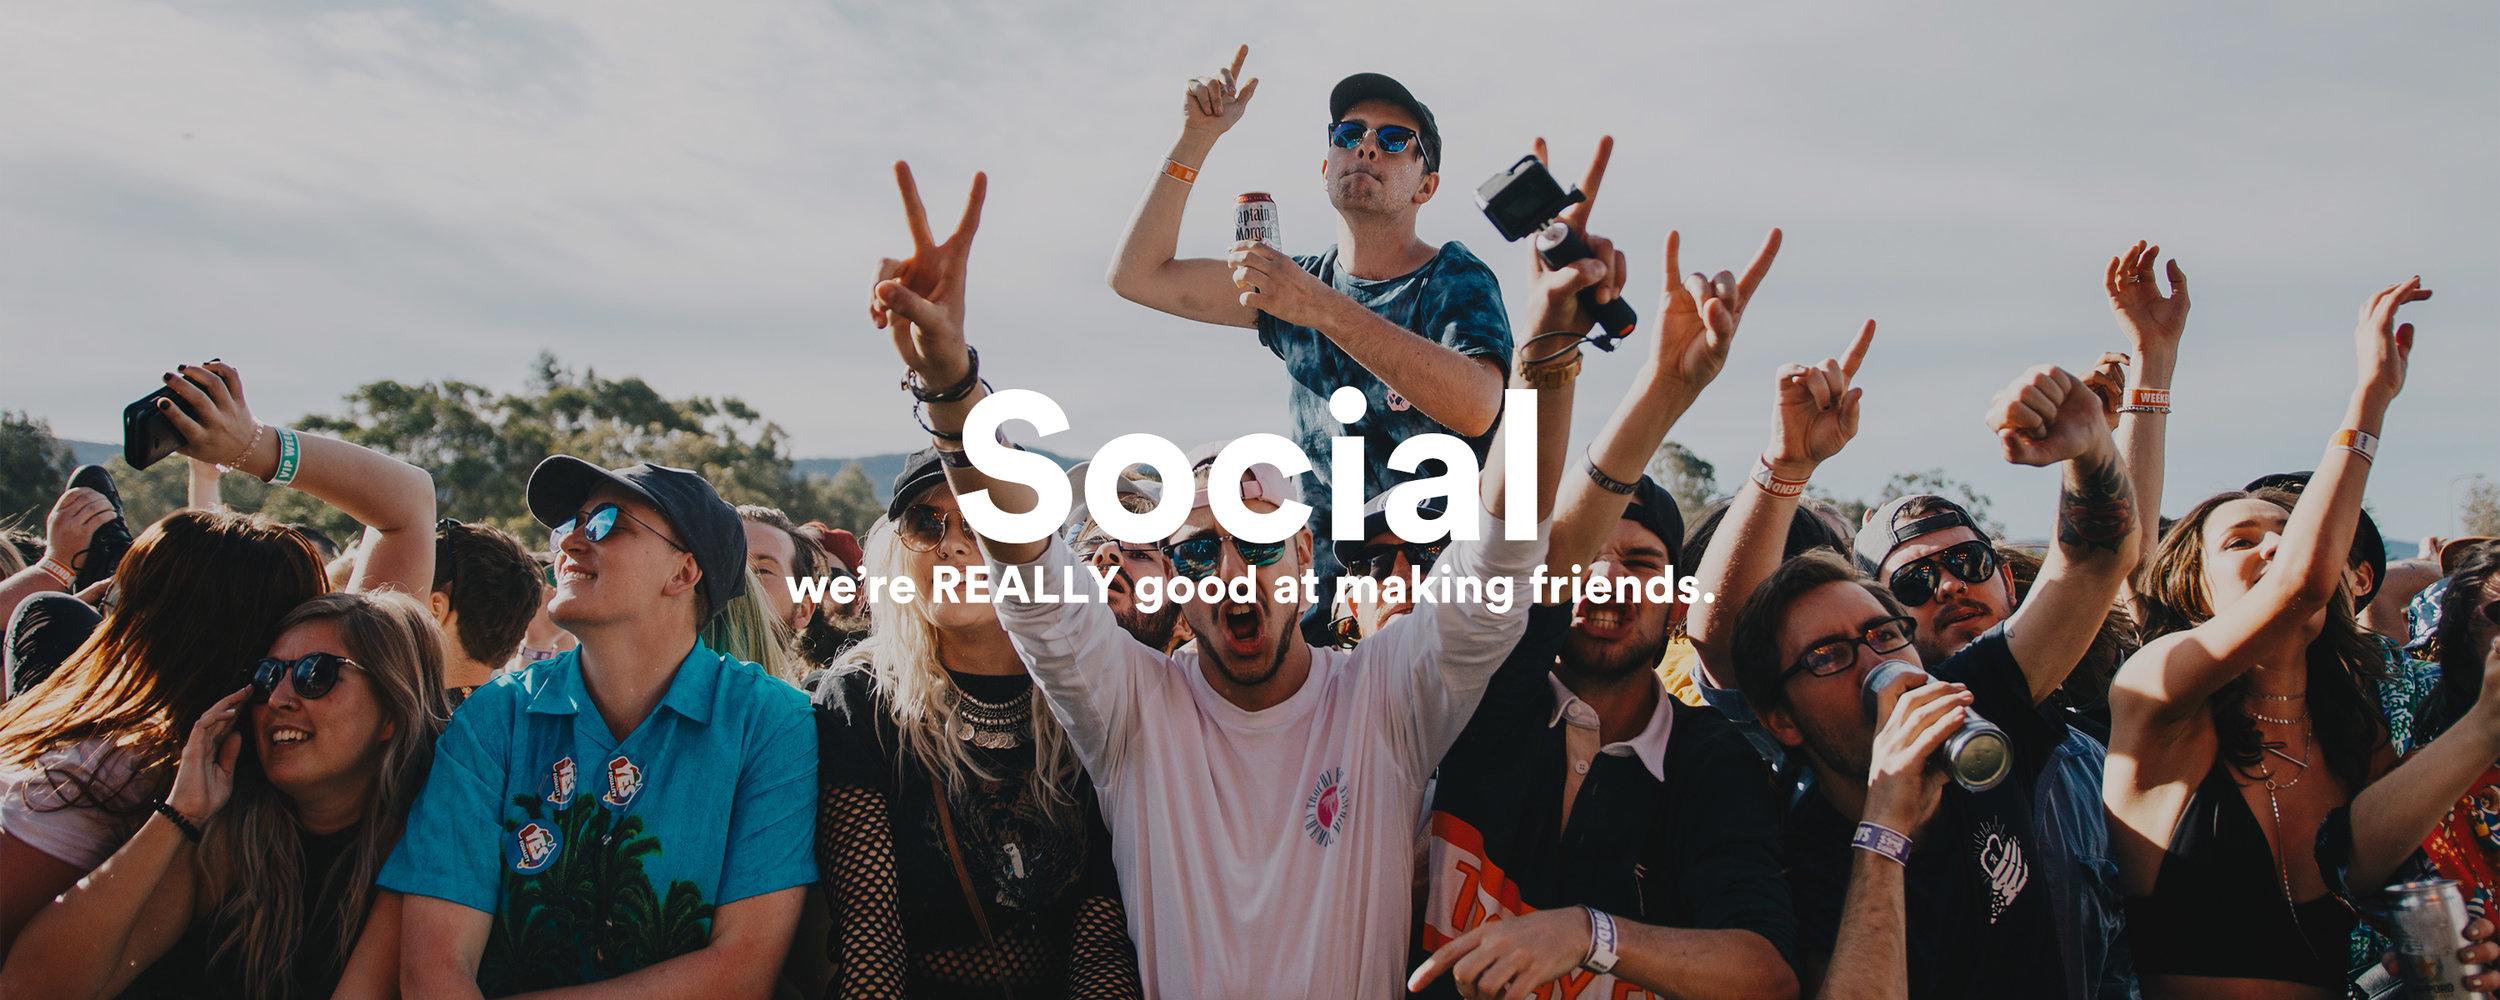 SOCIALCONTENTBANNER.jpg